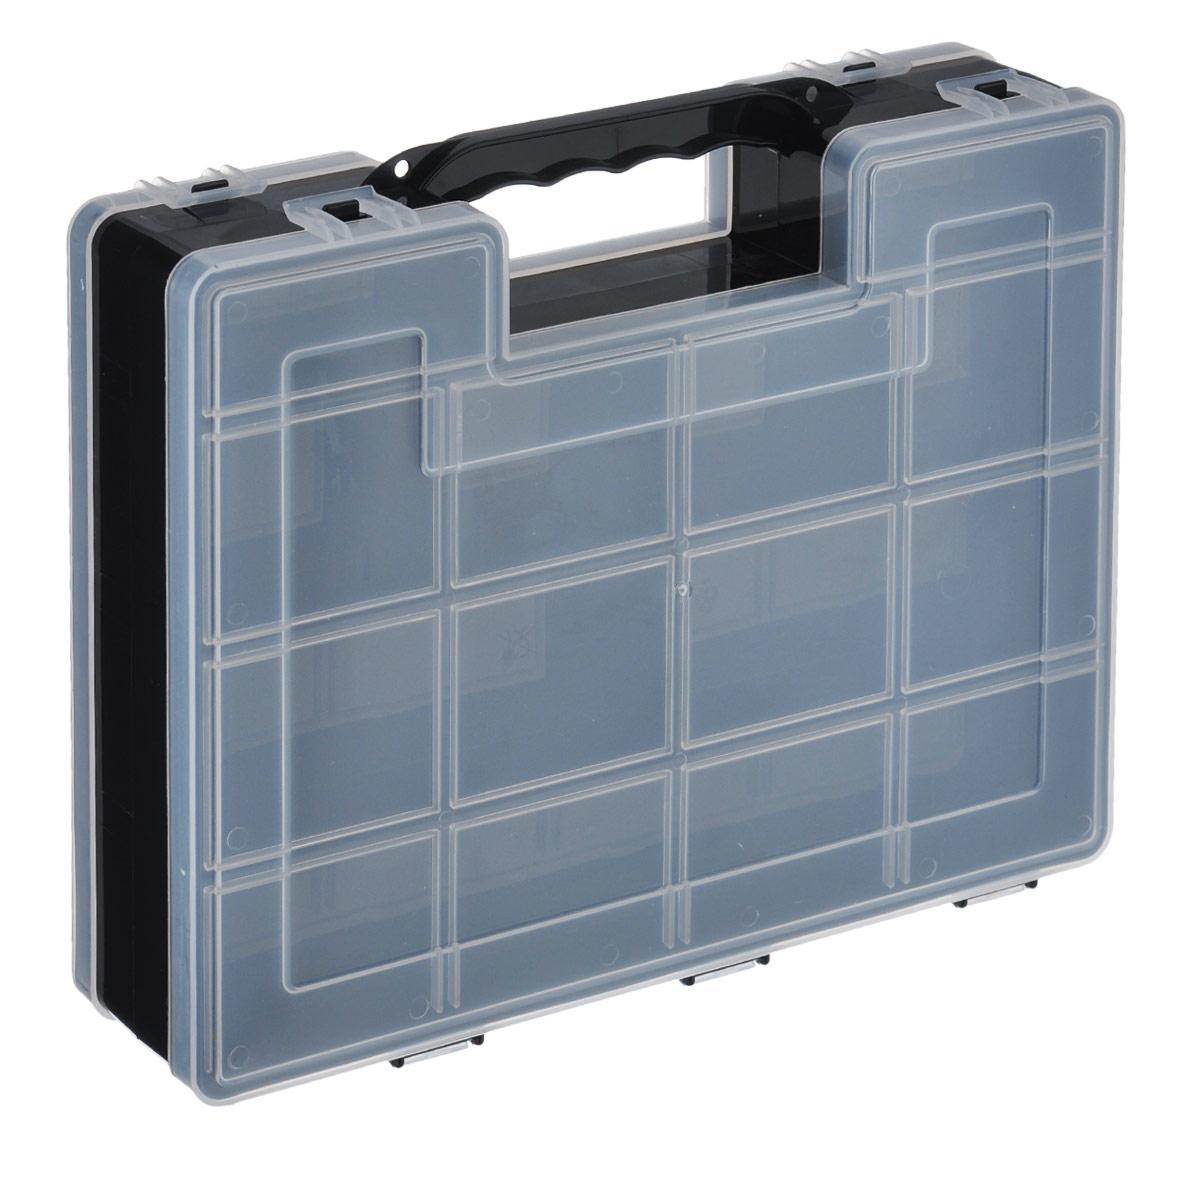 Органайзер для инструментов Idea, двухсторонний, цвет: черный, 27,2 см х 21,7 см х 6,7 см подвеска кустарь кошка 10 см х 12 см х 0 4 см